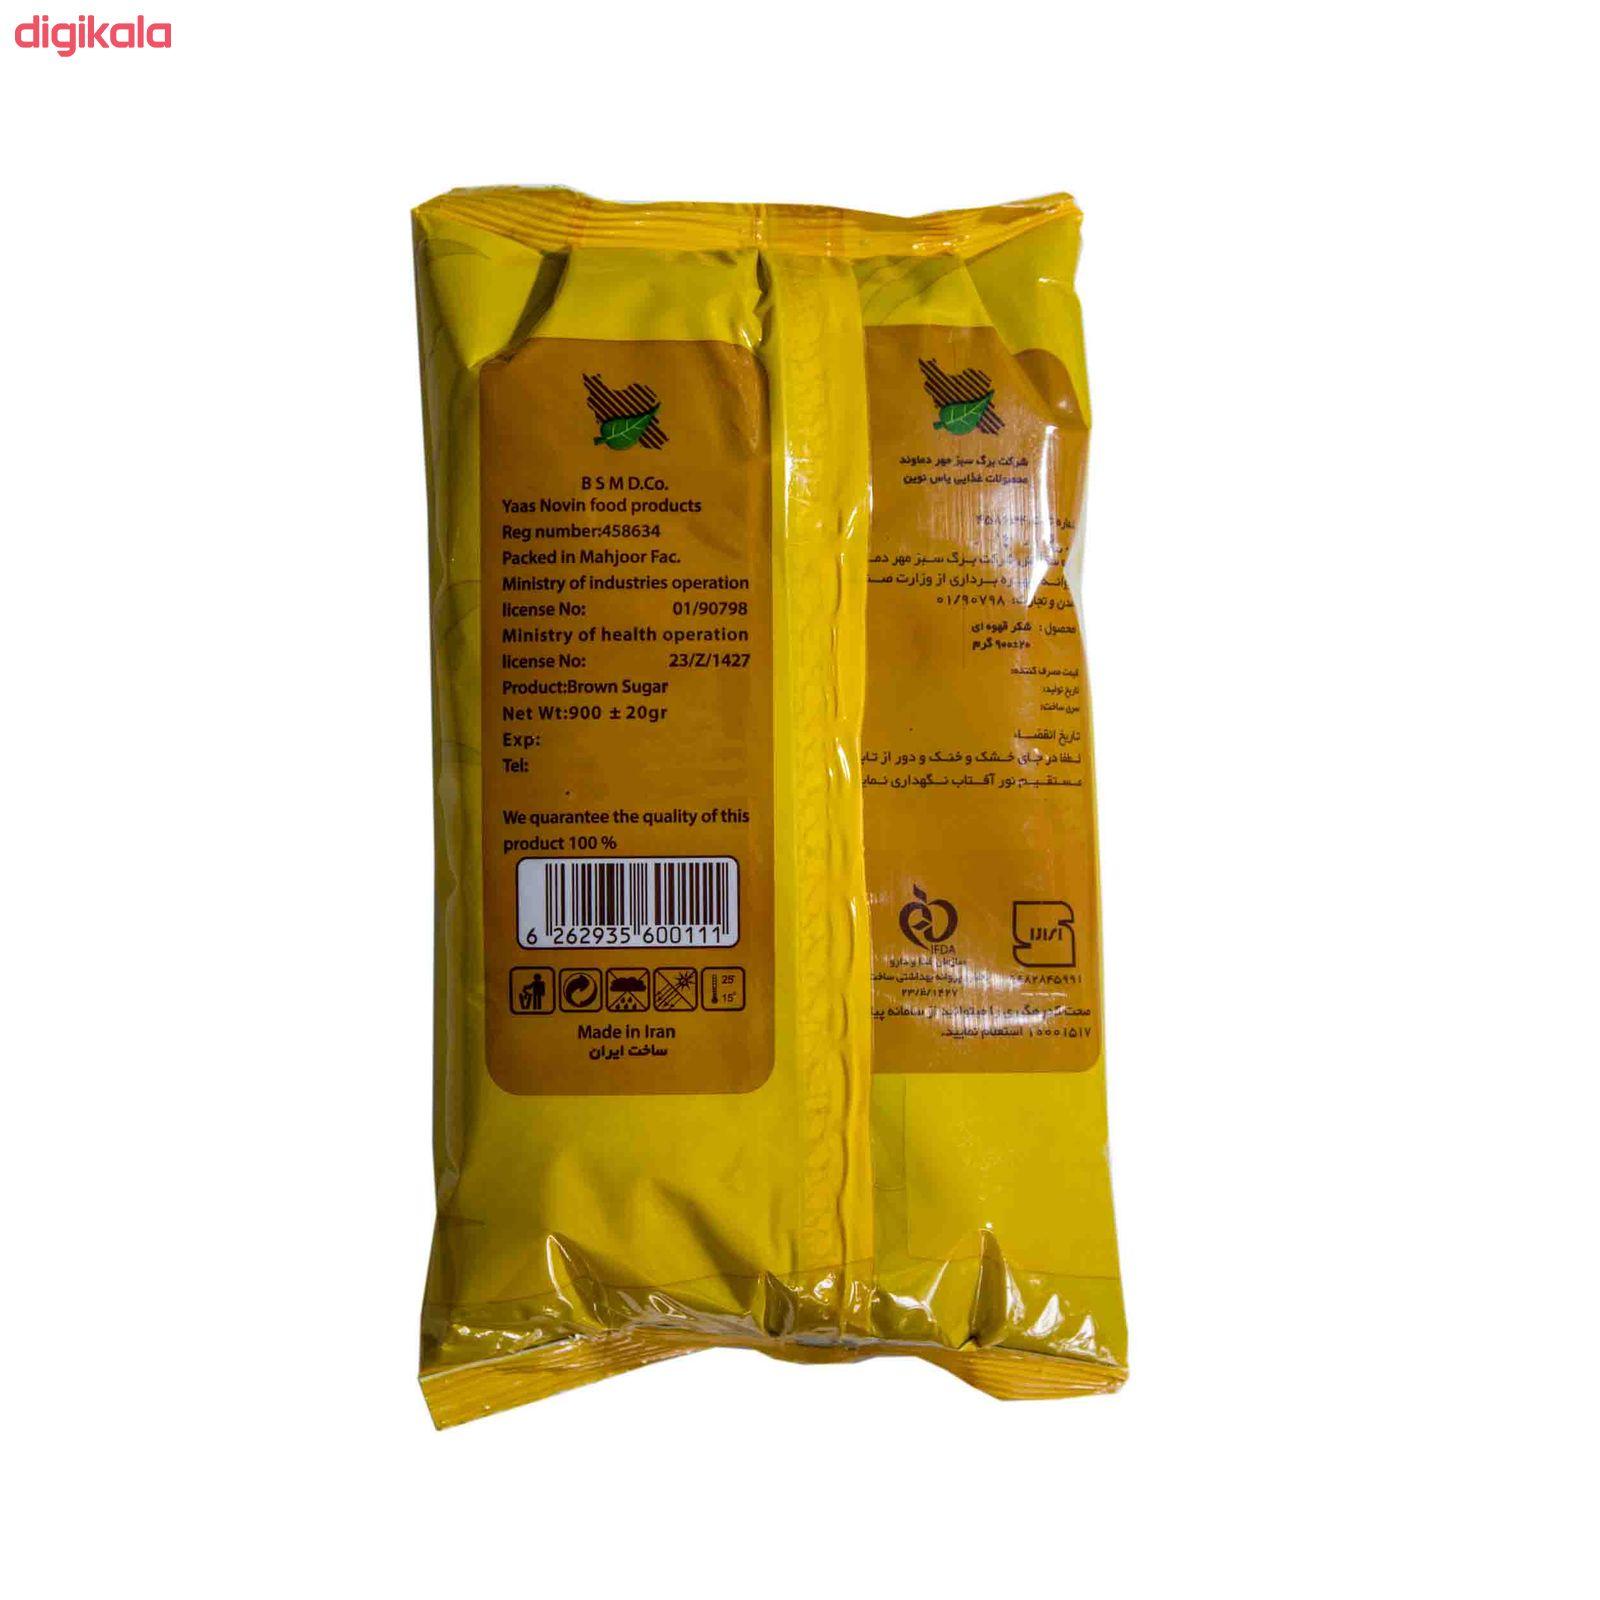 شکر قهوه ای یاس نوین - 900 گرم main 1 1